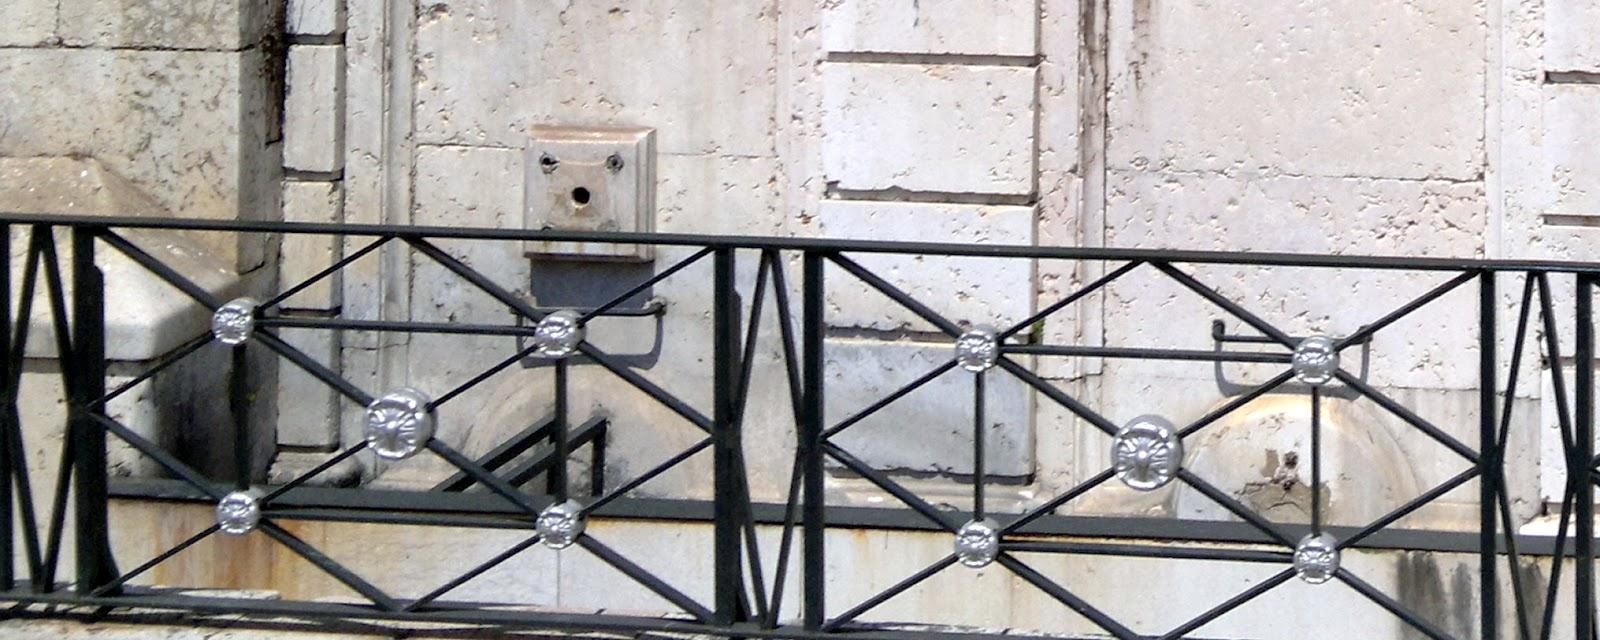 Archi tetti arredo urbano in ferro for Archi arredo